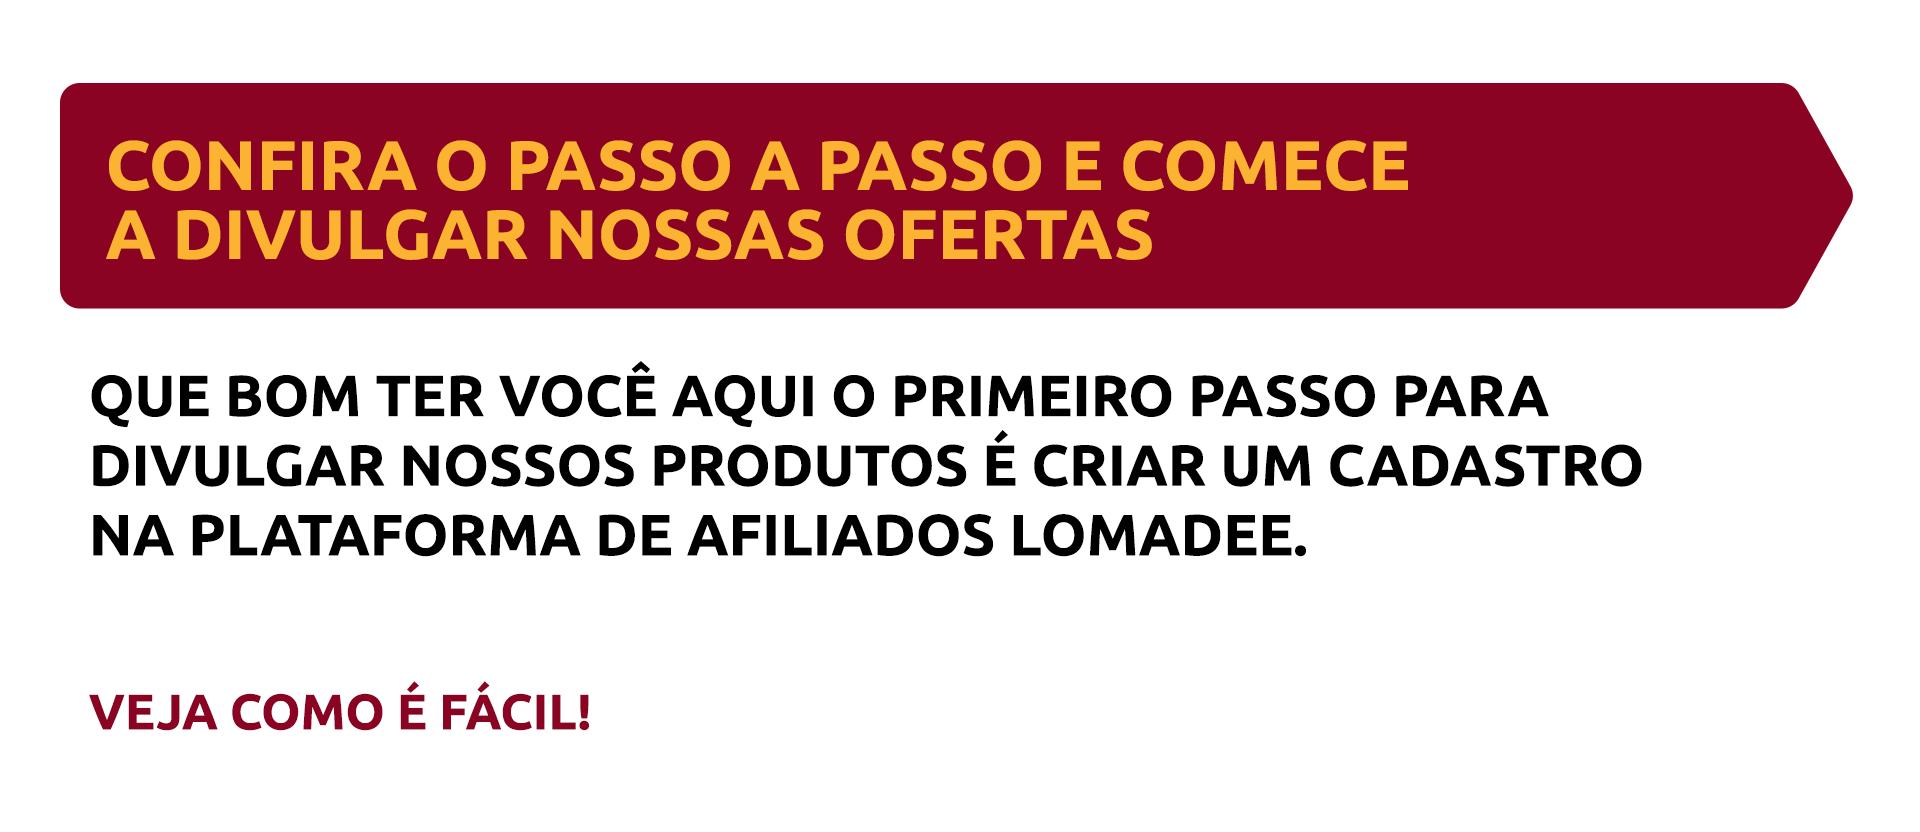 Veja como é fácil fazer parte da rede de afiliados Oscar Calçados e ganhar dinheiro com nossas ofertas